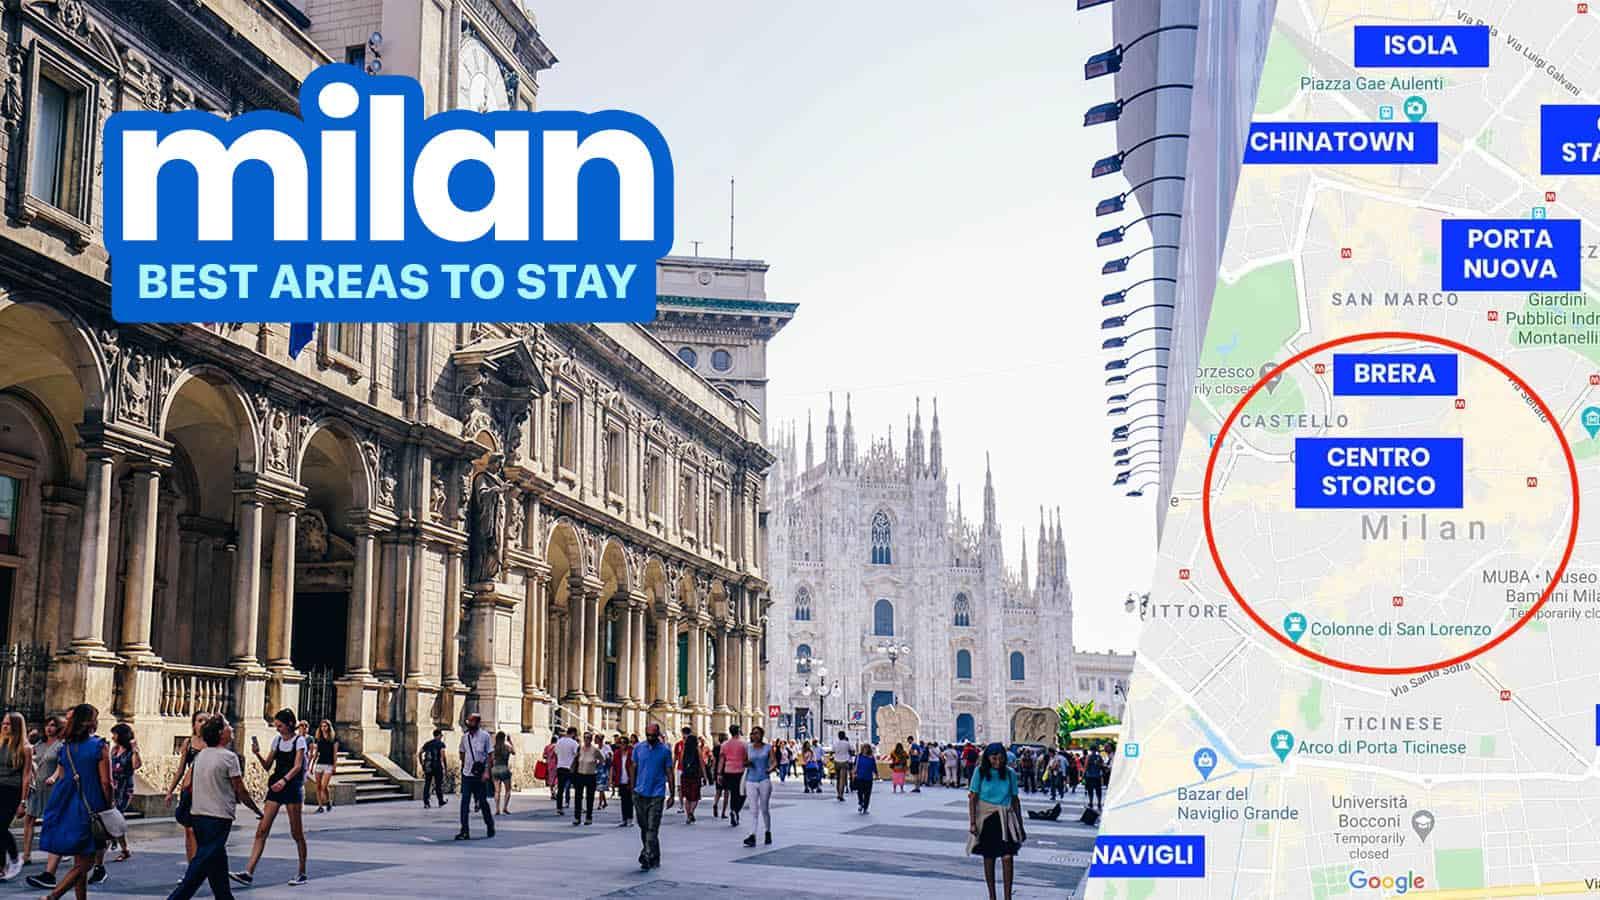 在米兰的住宿地点:市中心周围的6个最佳区域 | 穷游者的行程安排博客